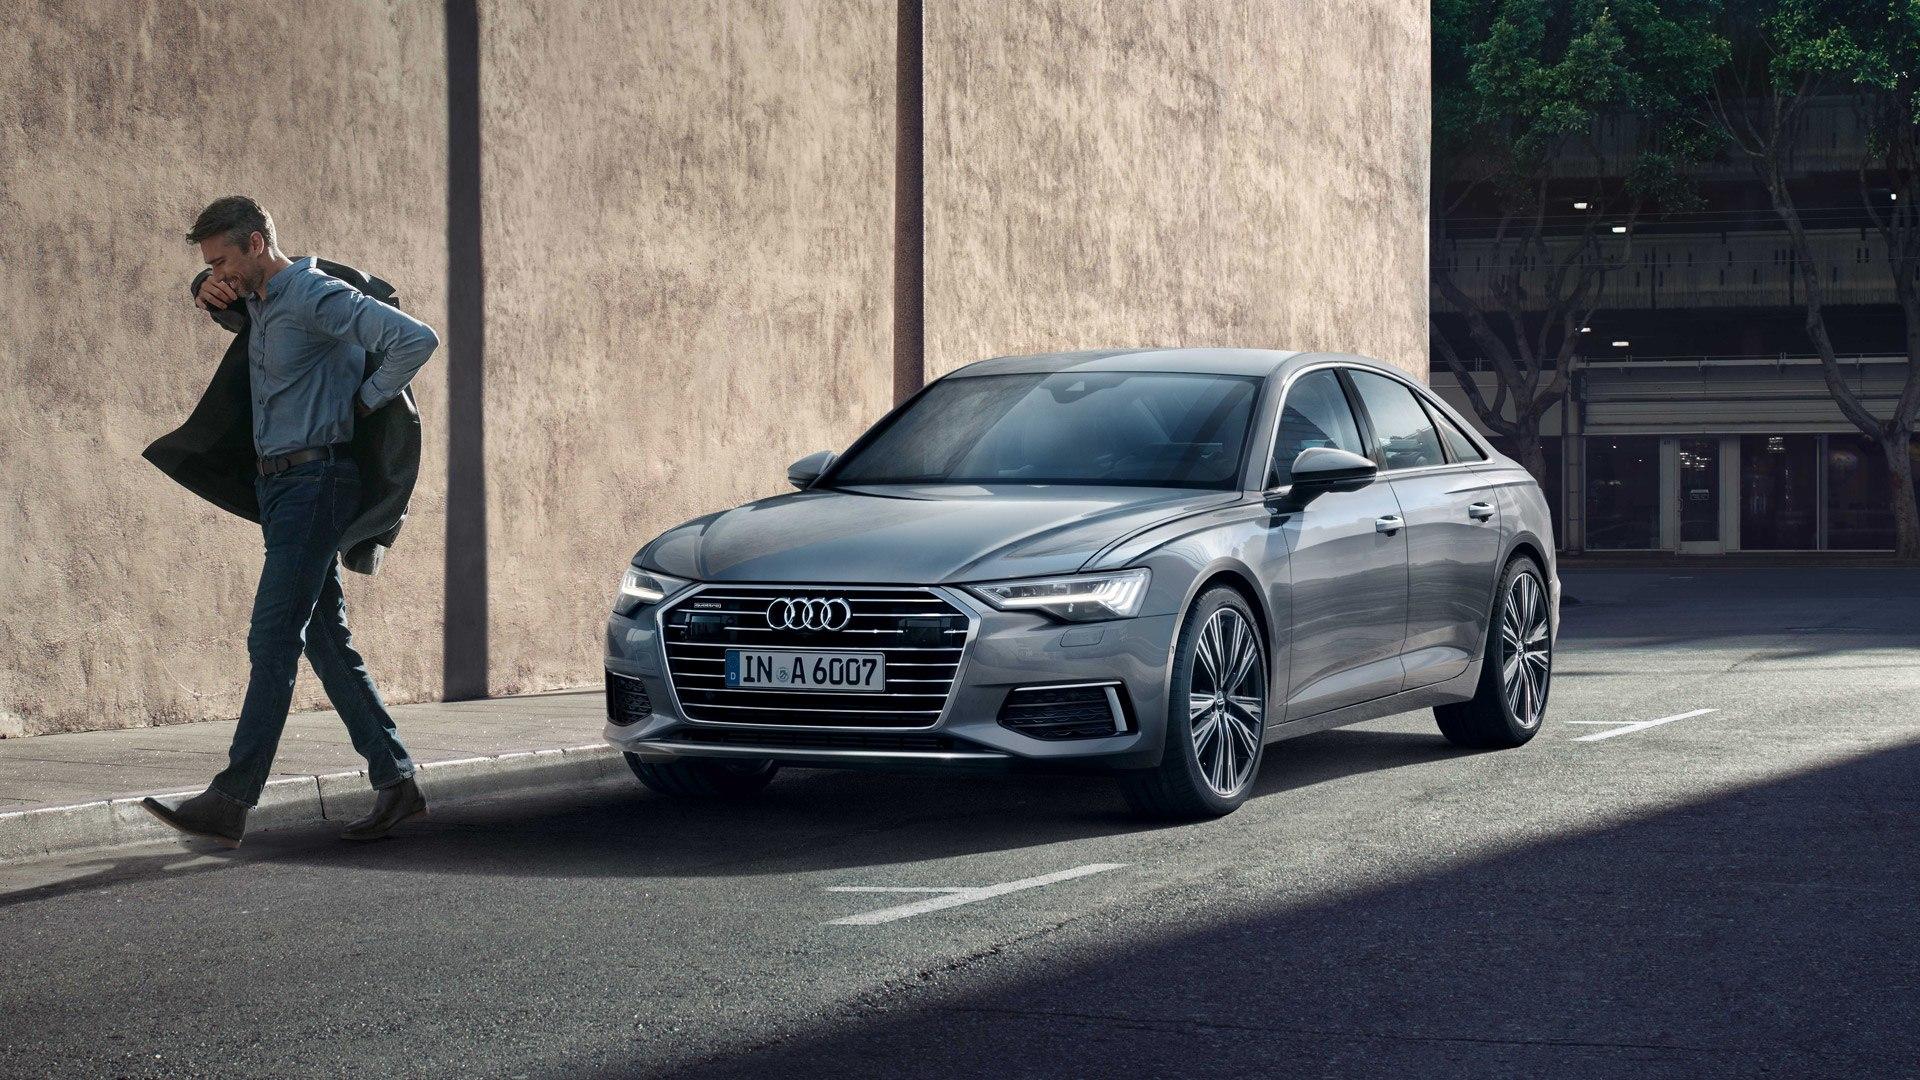 Audi A6 Diagonal